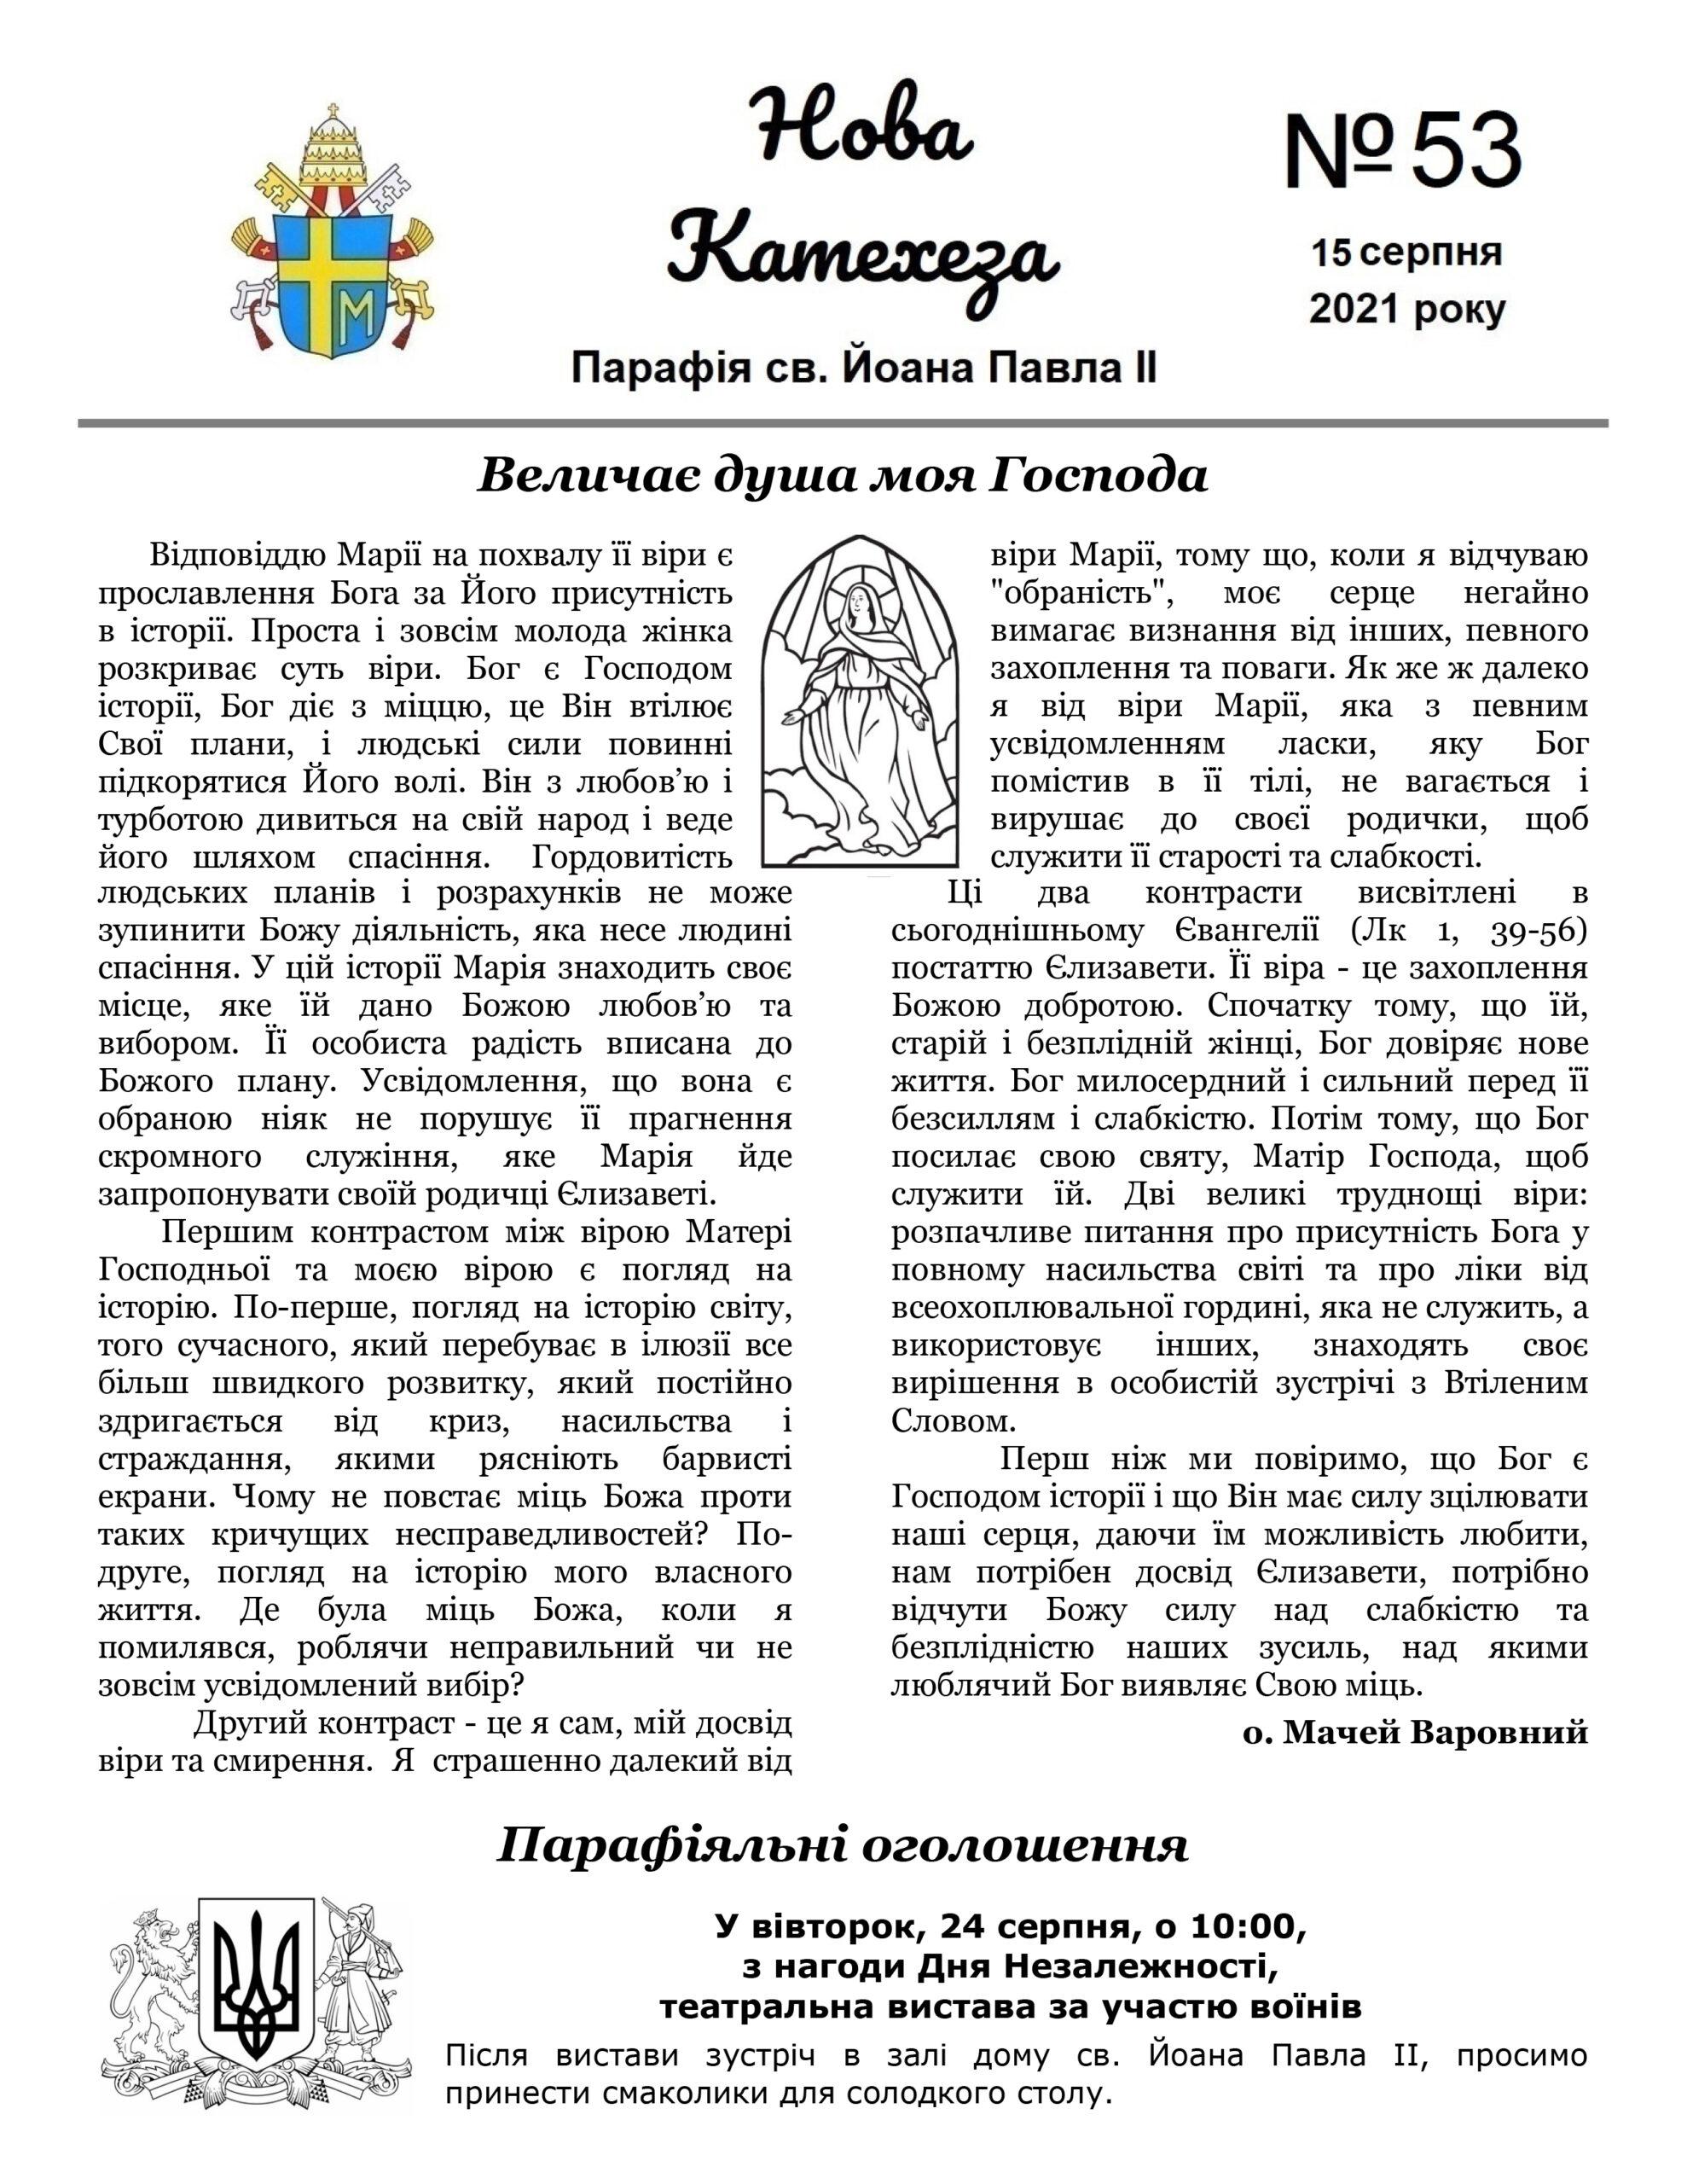 53-й номер парафіяльної газети